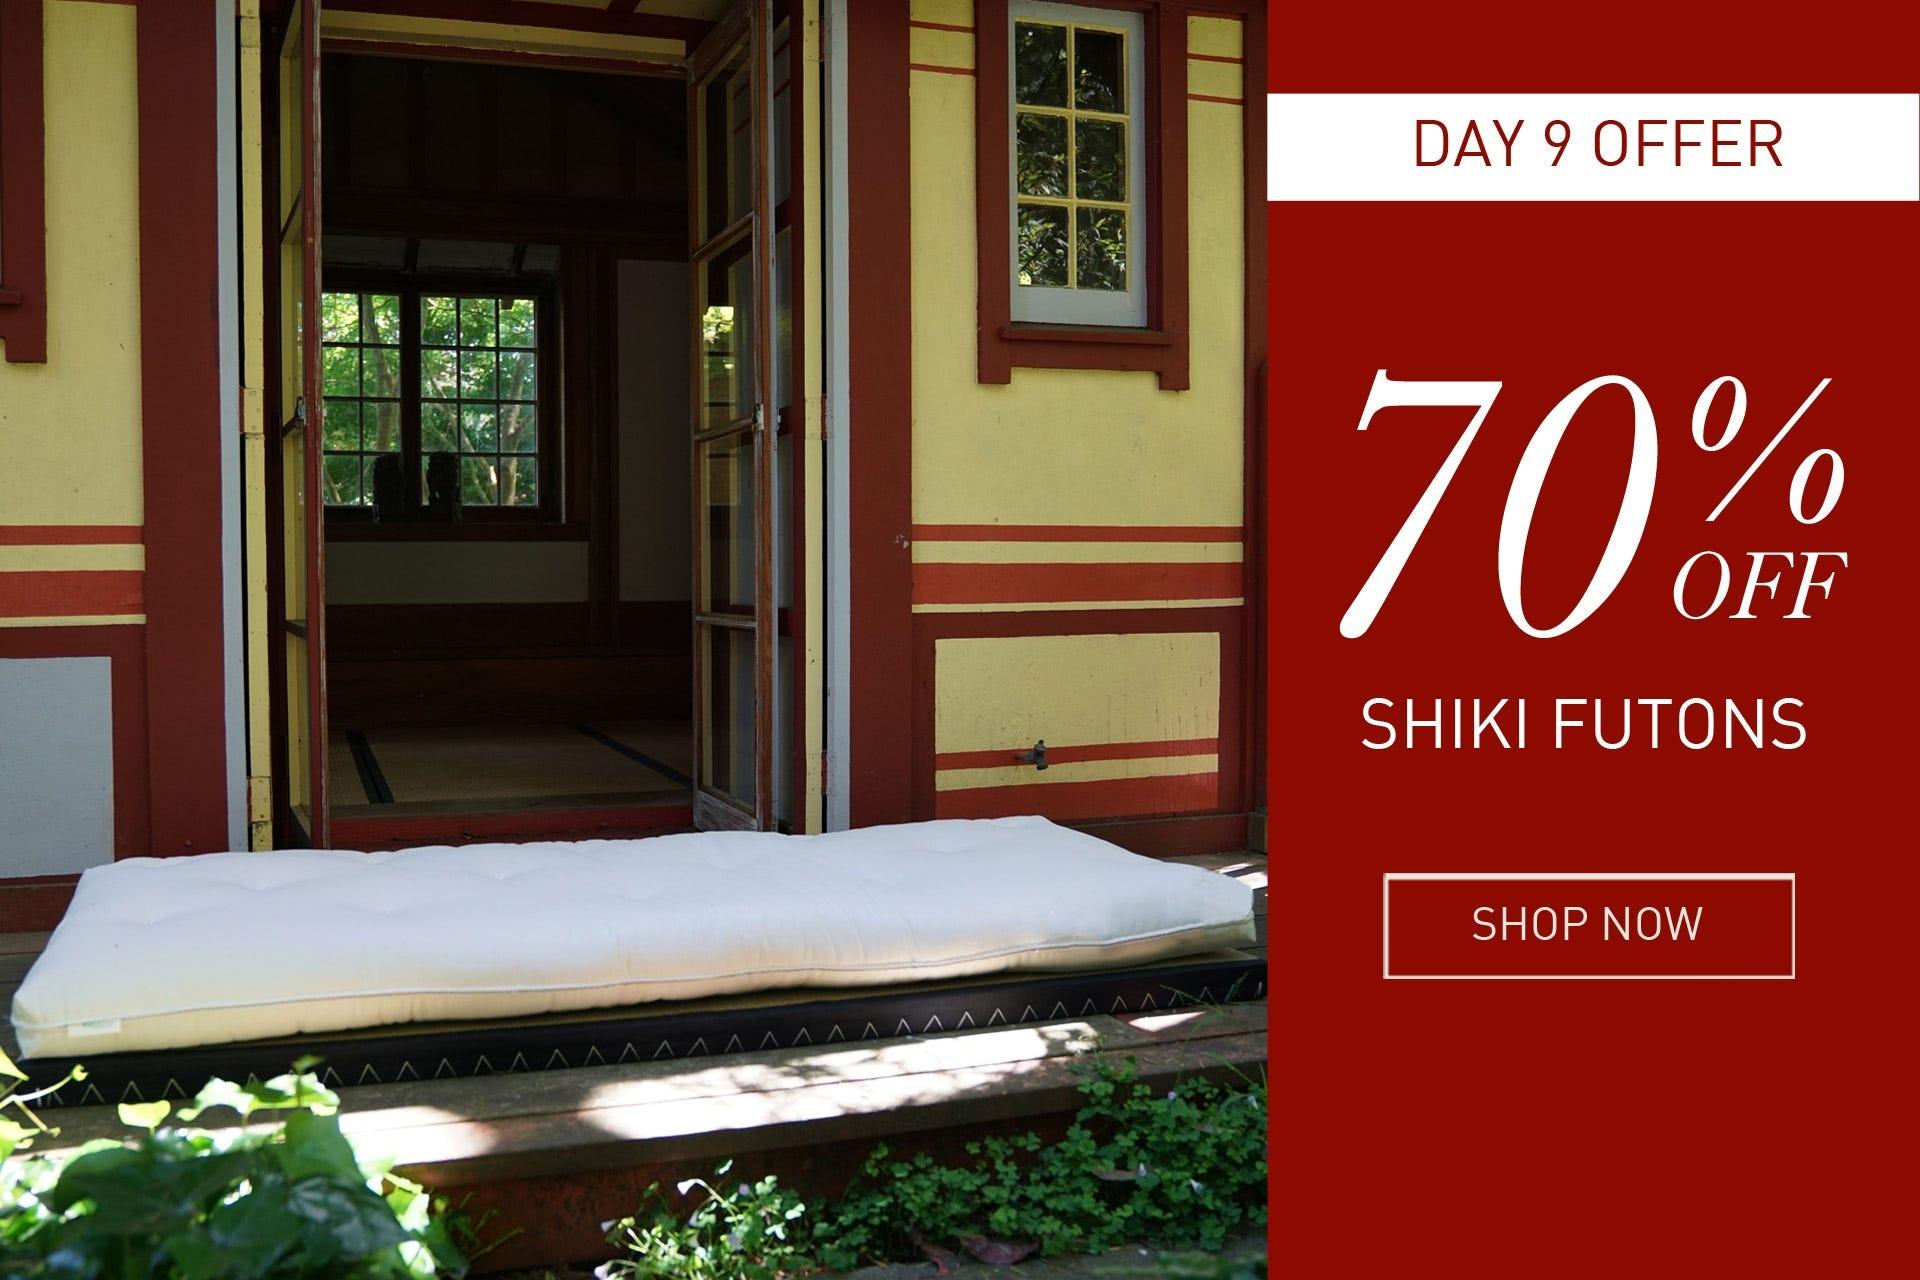 shiki futons